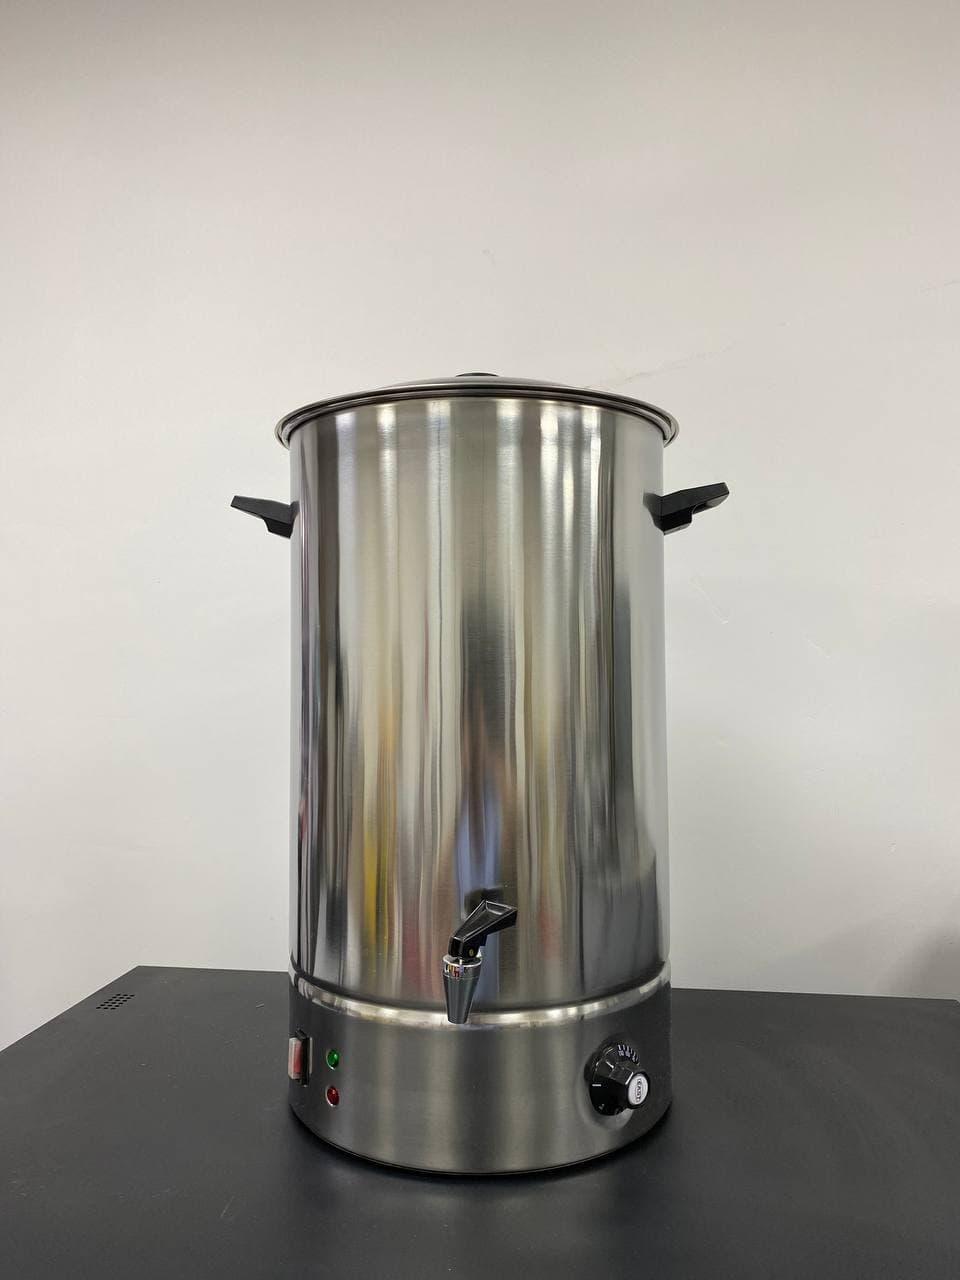 Чаераздатчик, Кипятильник 35 литров.